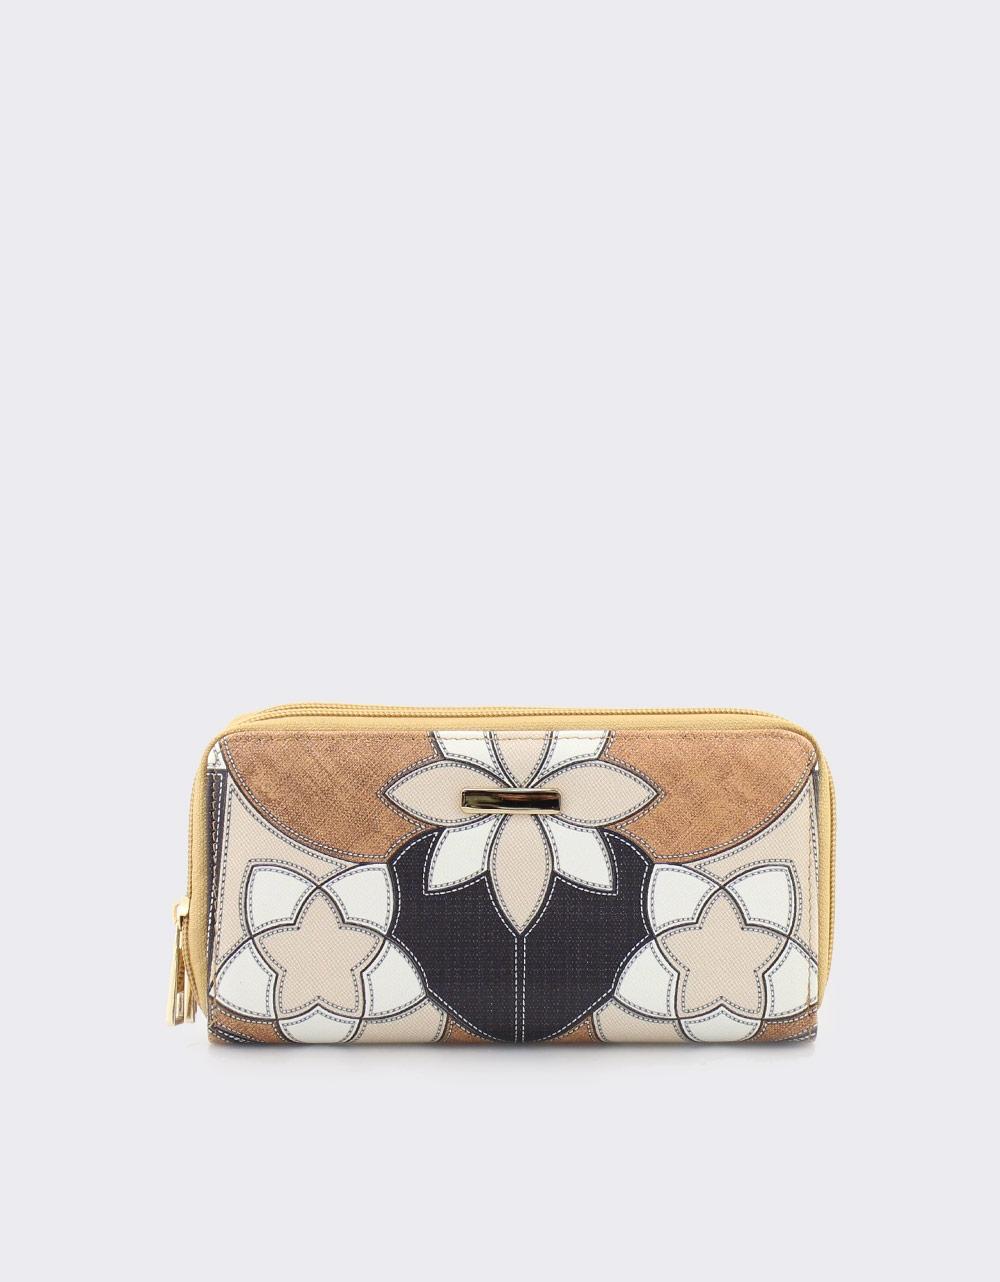 Εικόνα από Γυναικεία πορτοφόλια με σχέδια Κάμελ